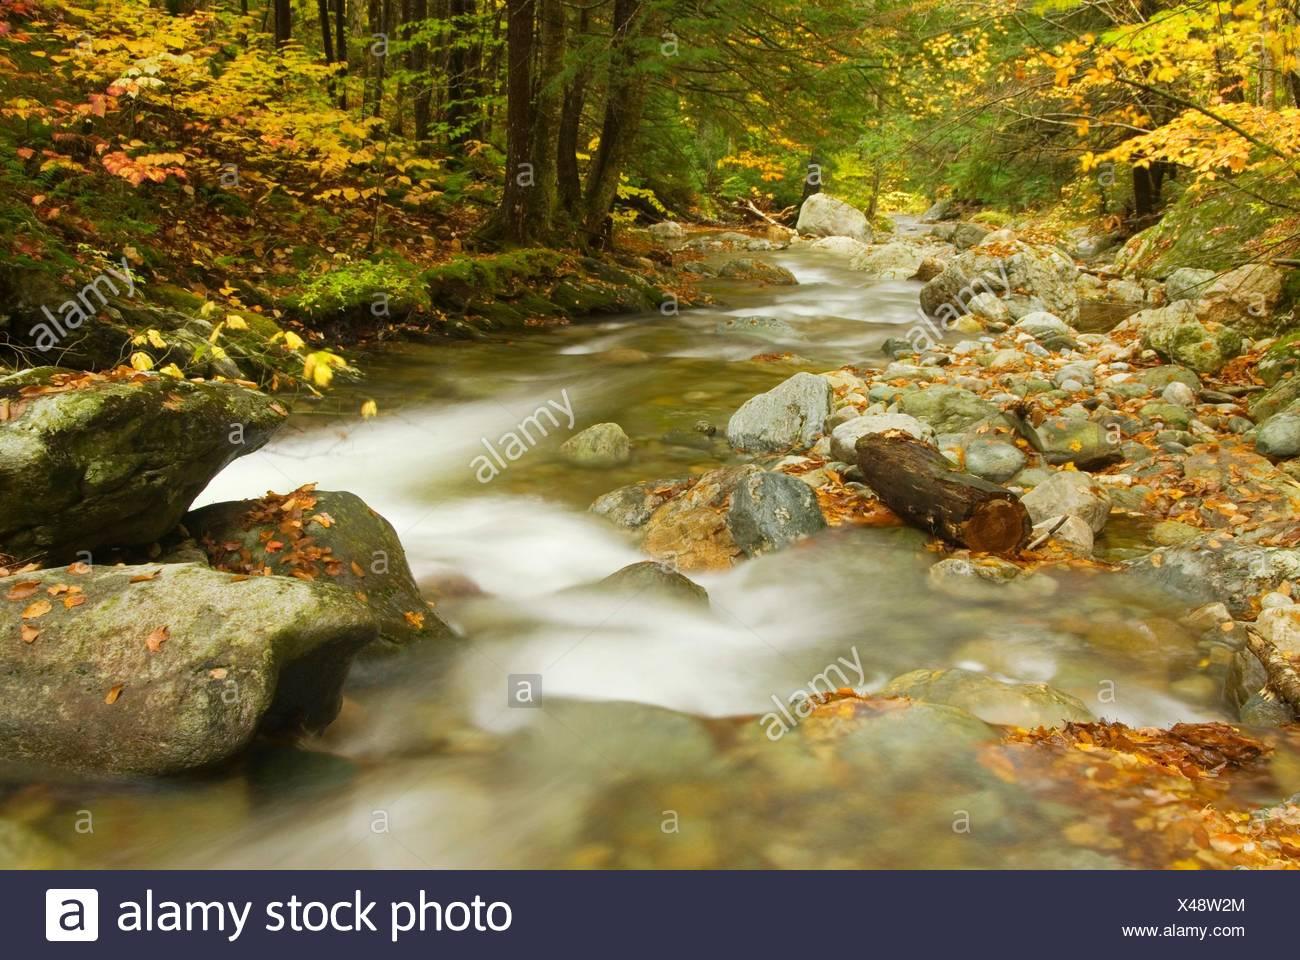 Hancock Zweig des White River entlang Hancock Zweig Trail, Texas fällt Erholungsgebiet, Green Mountain National Forest, Vermont. Stockbild